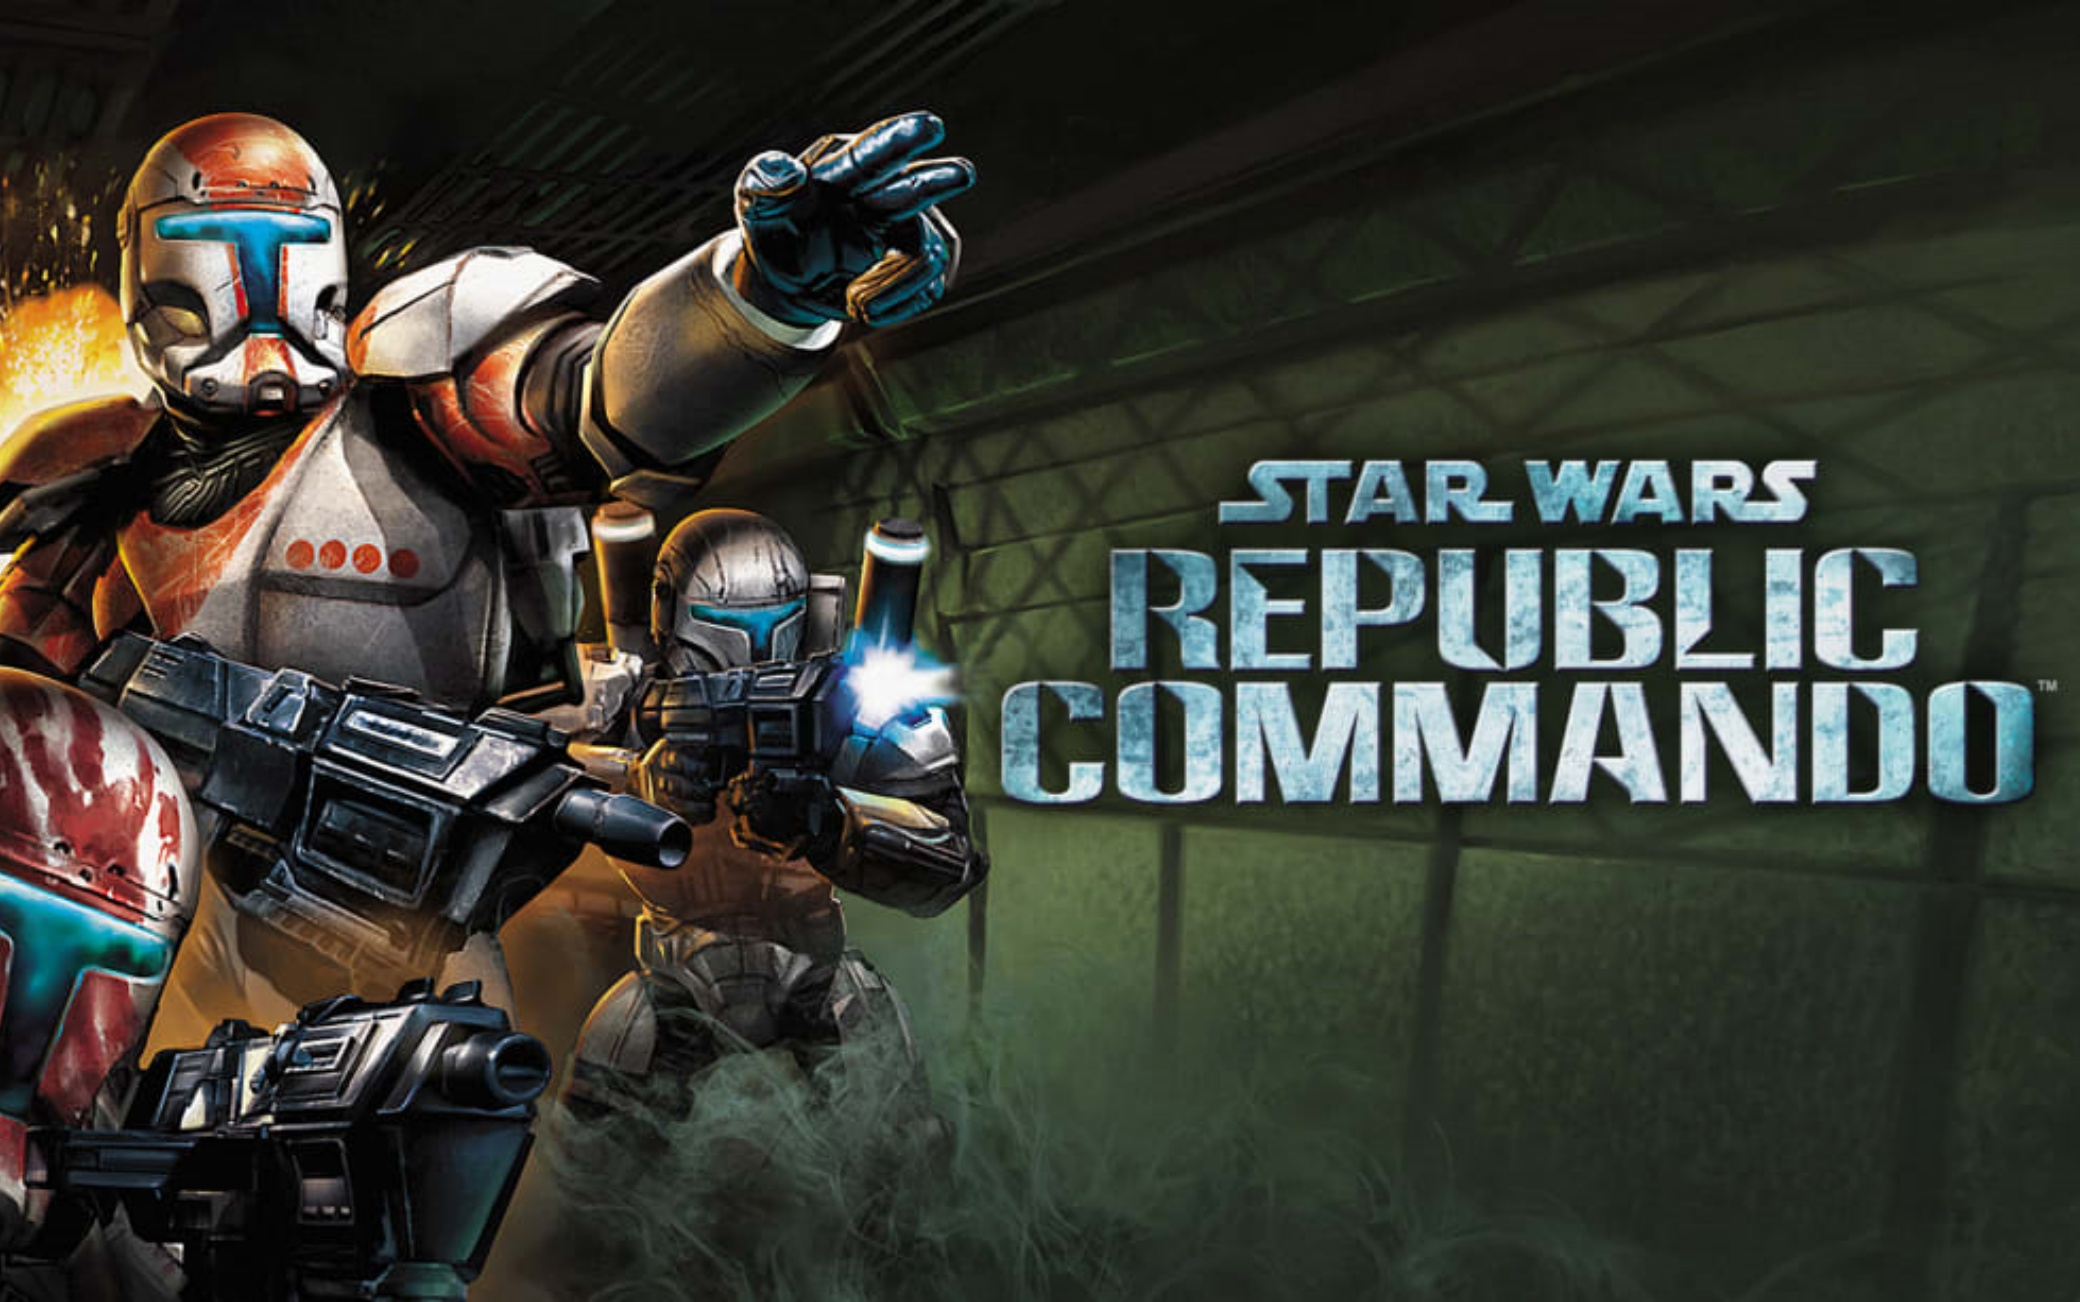 Videogiochi aprile 2021 Star Wars: Republic Commando